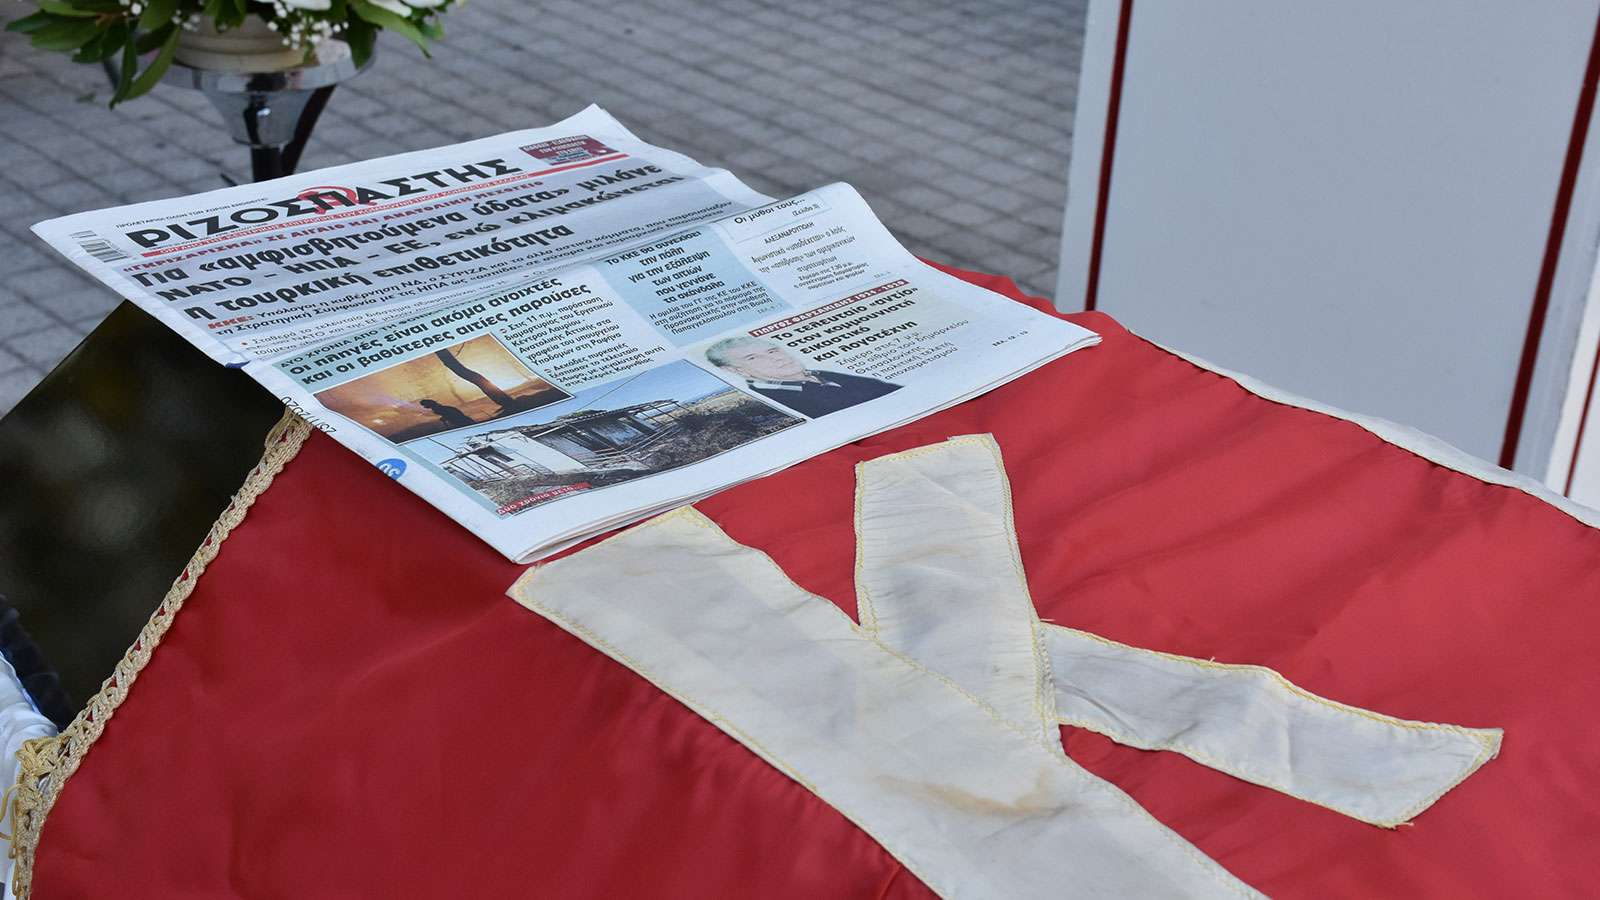 Γιώργης Φαρσακίδης κηδεία με την κόκκινη σημαία το Ριζοσπάστη